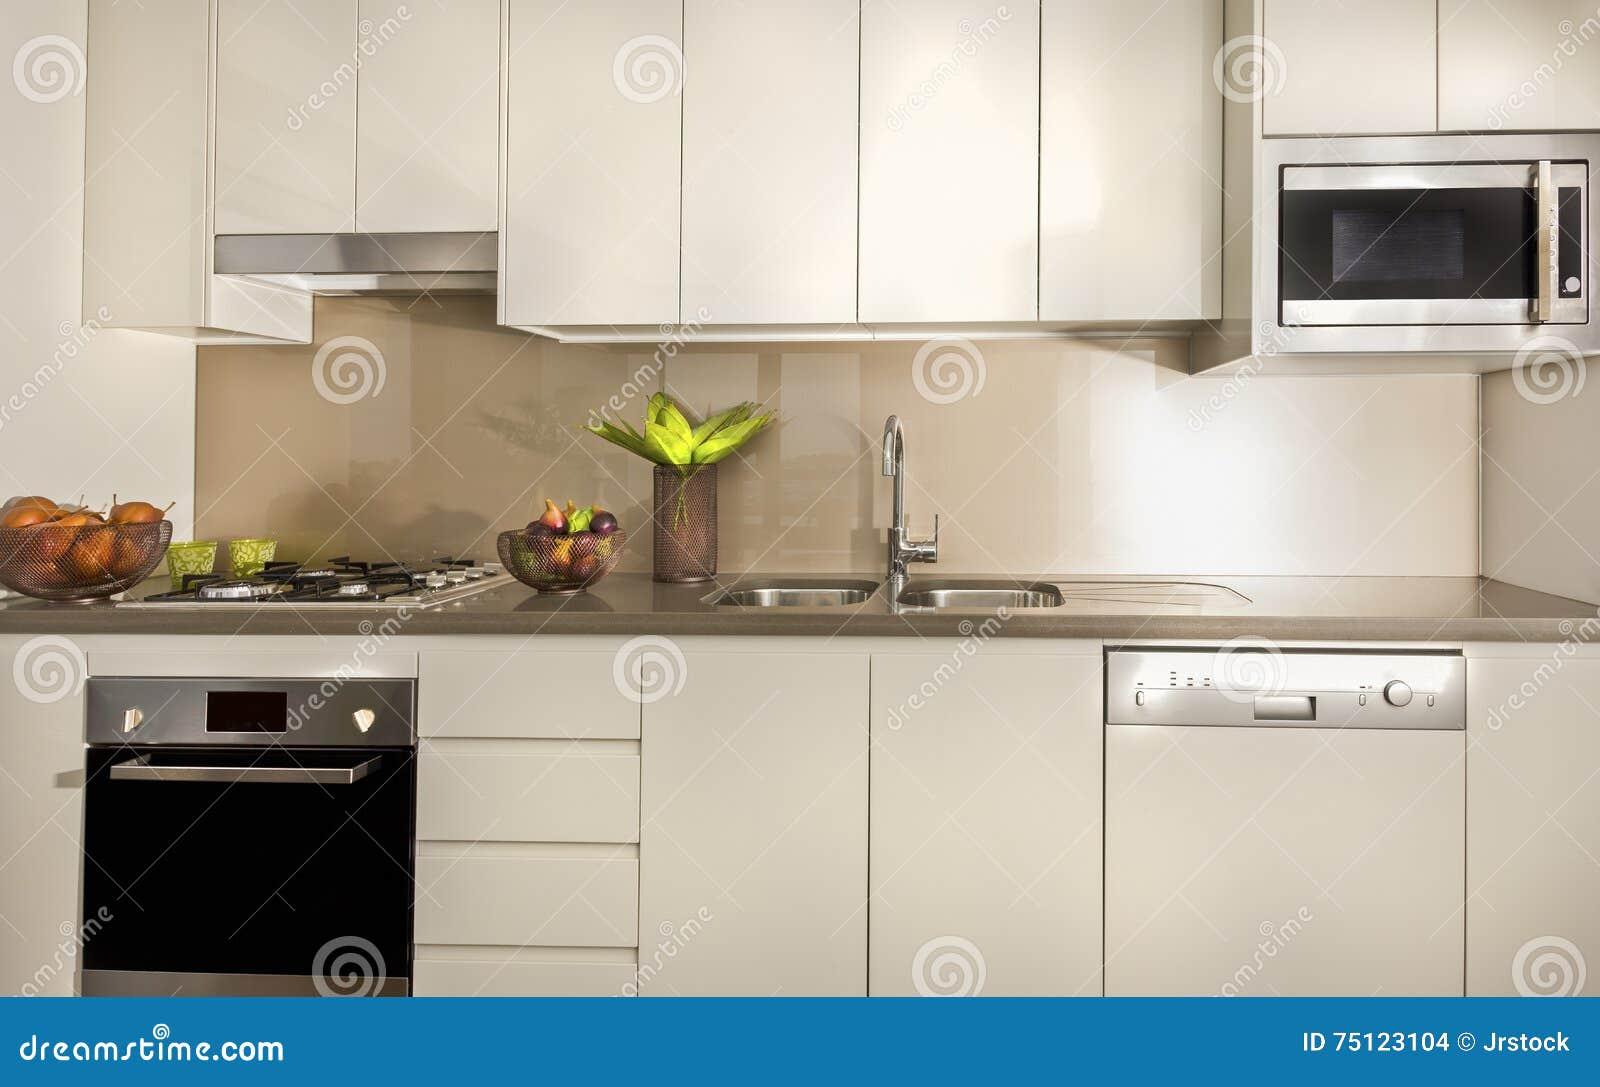 Cucina Moderna Con Gli Armadietti Ed Il Ripiano Della Dispensa ...